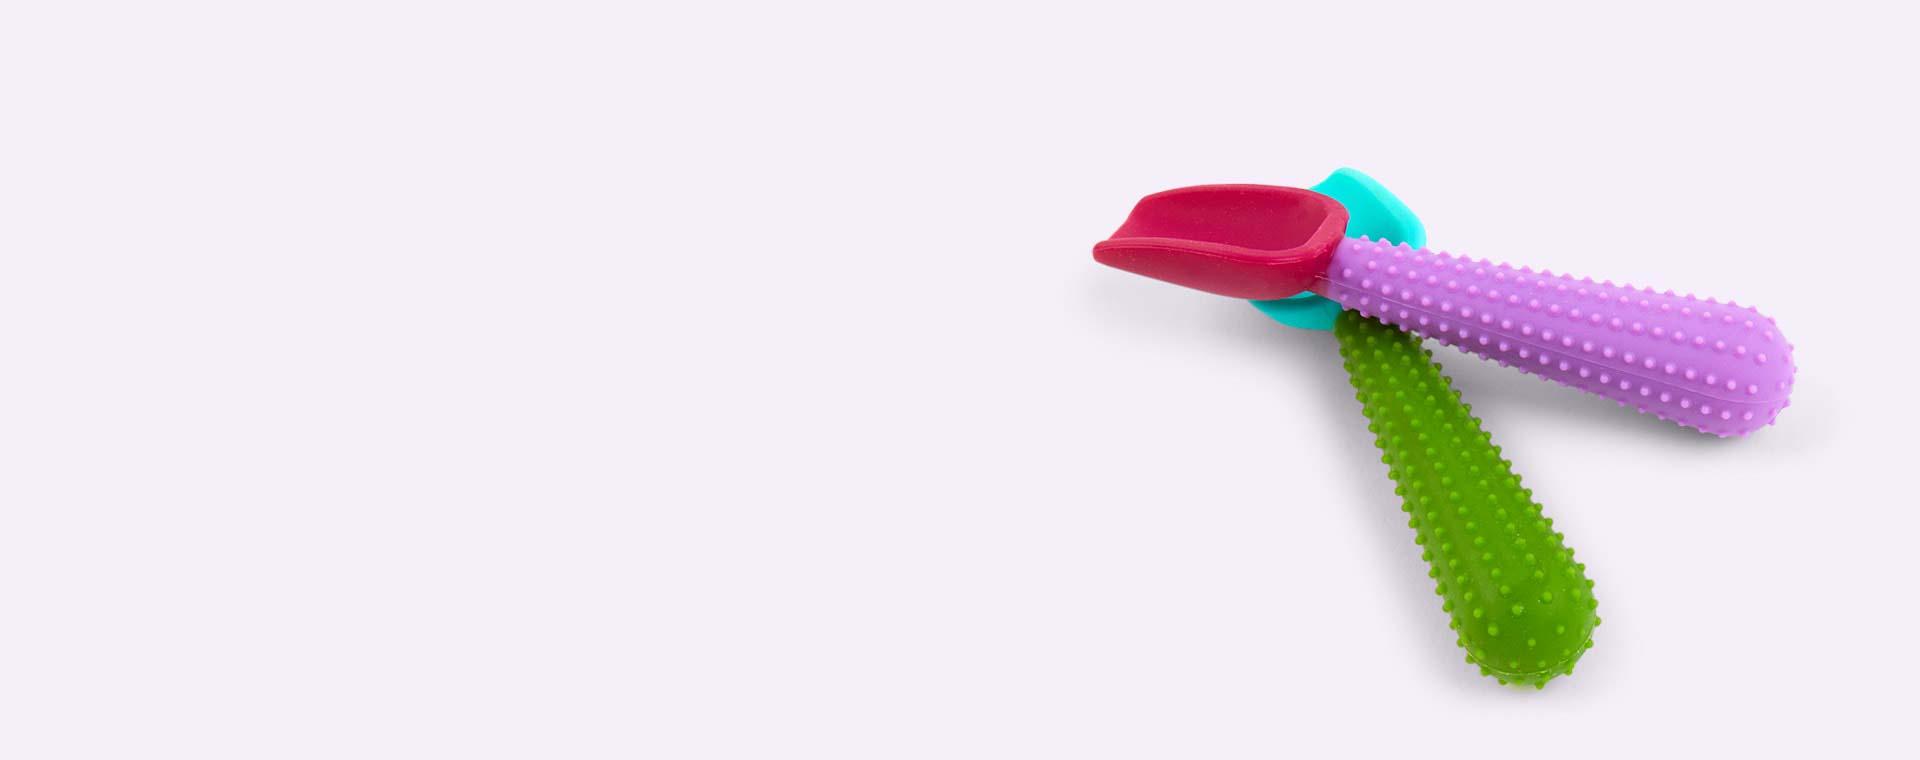 Green & Purple Go Sili Silicone Spoons